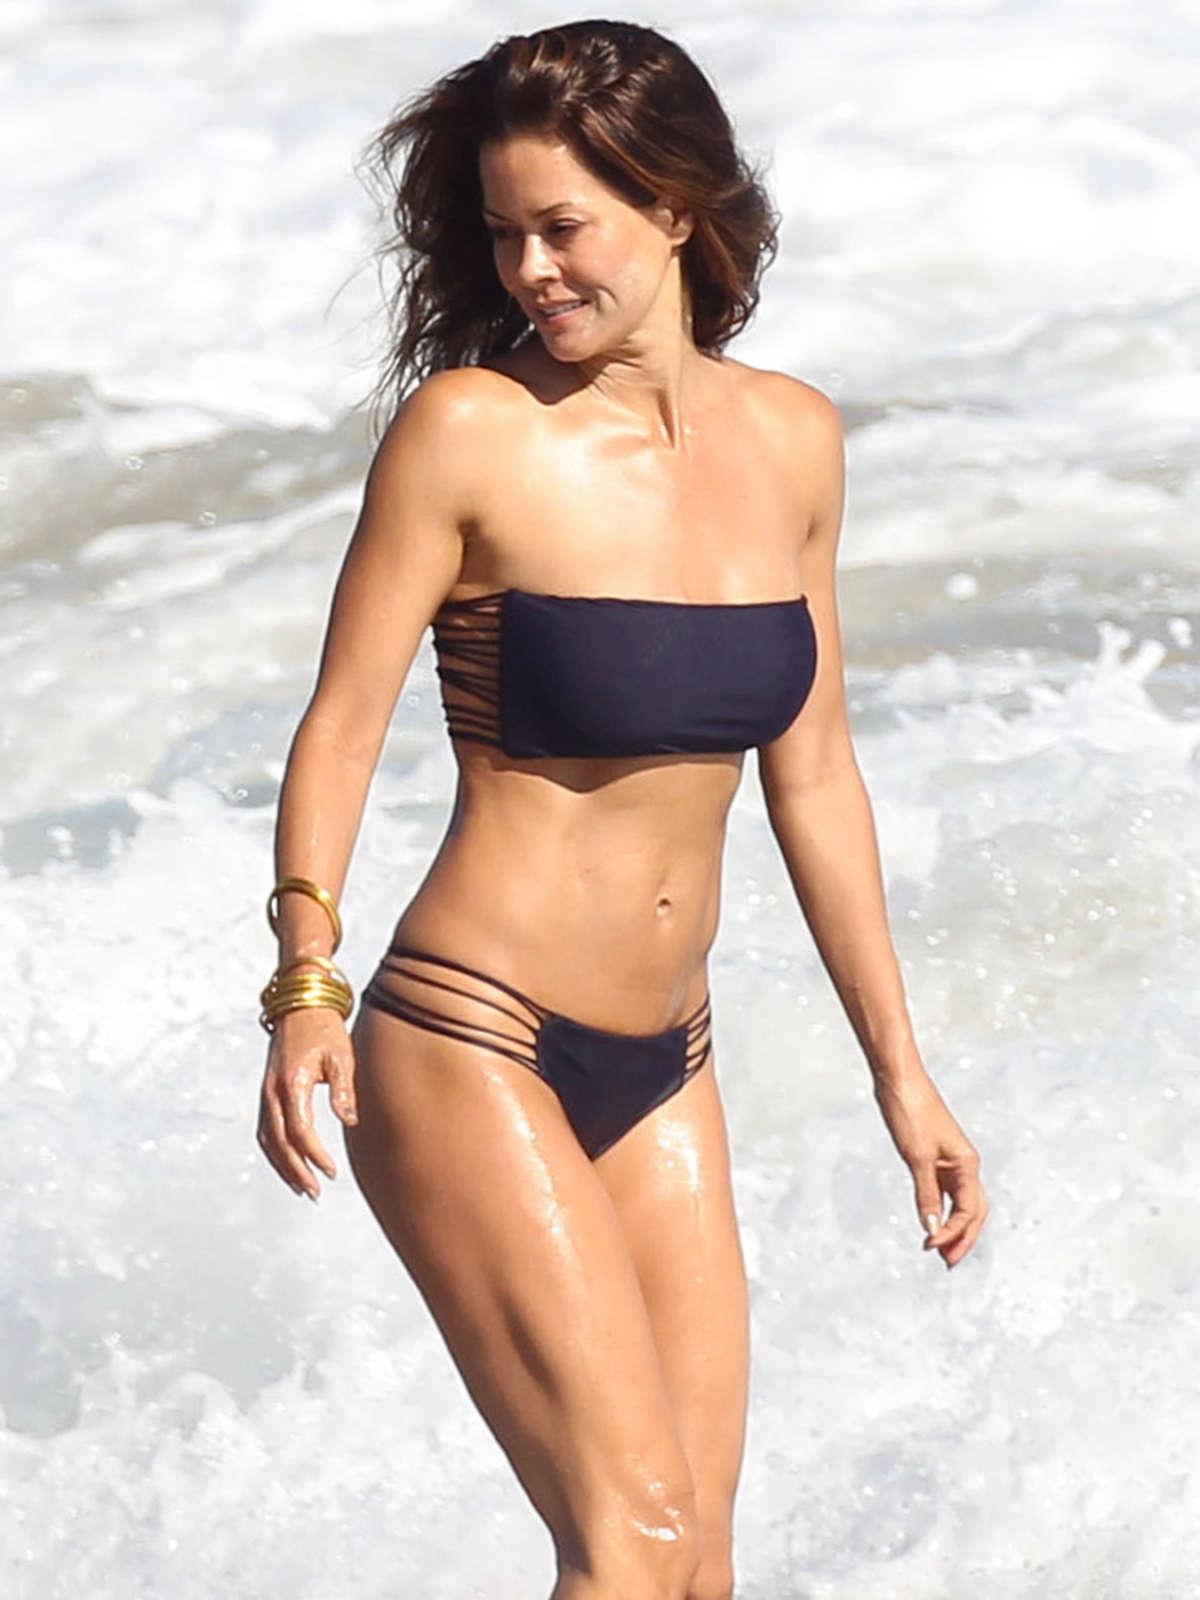 Bikini beach nasa